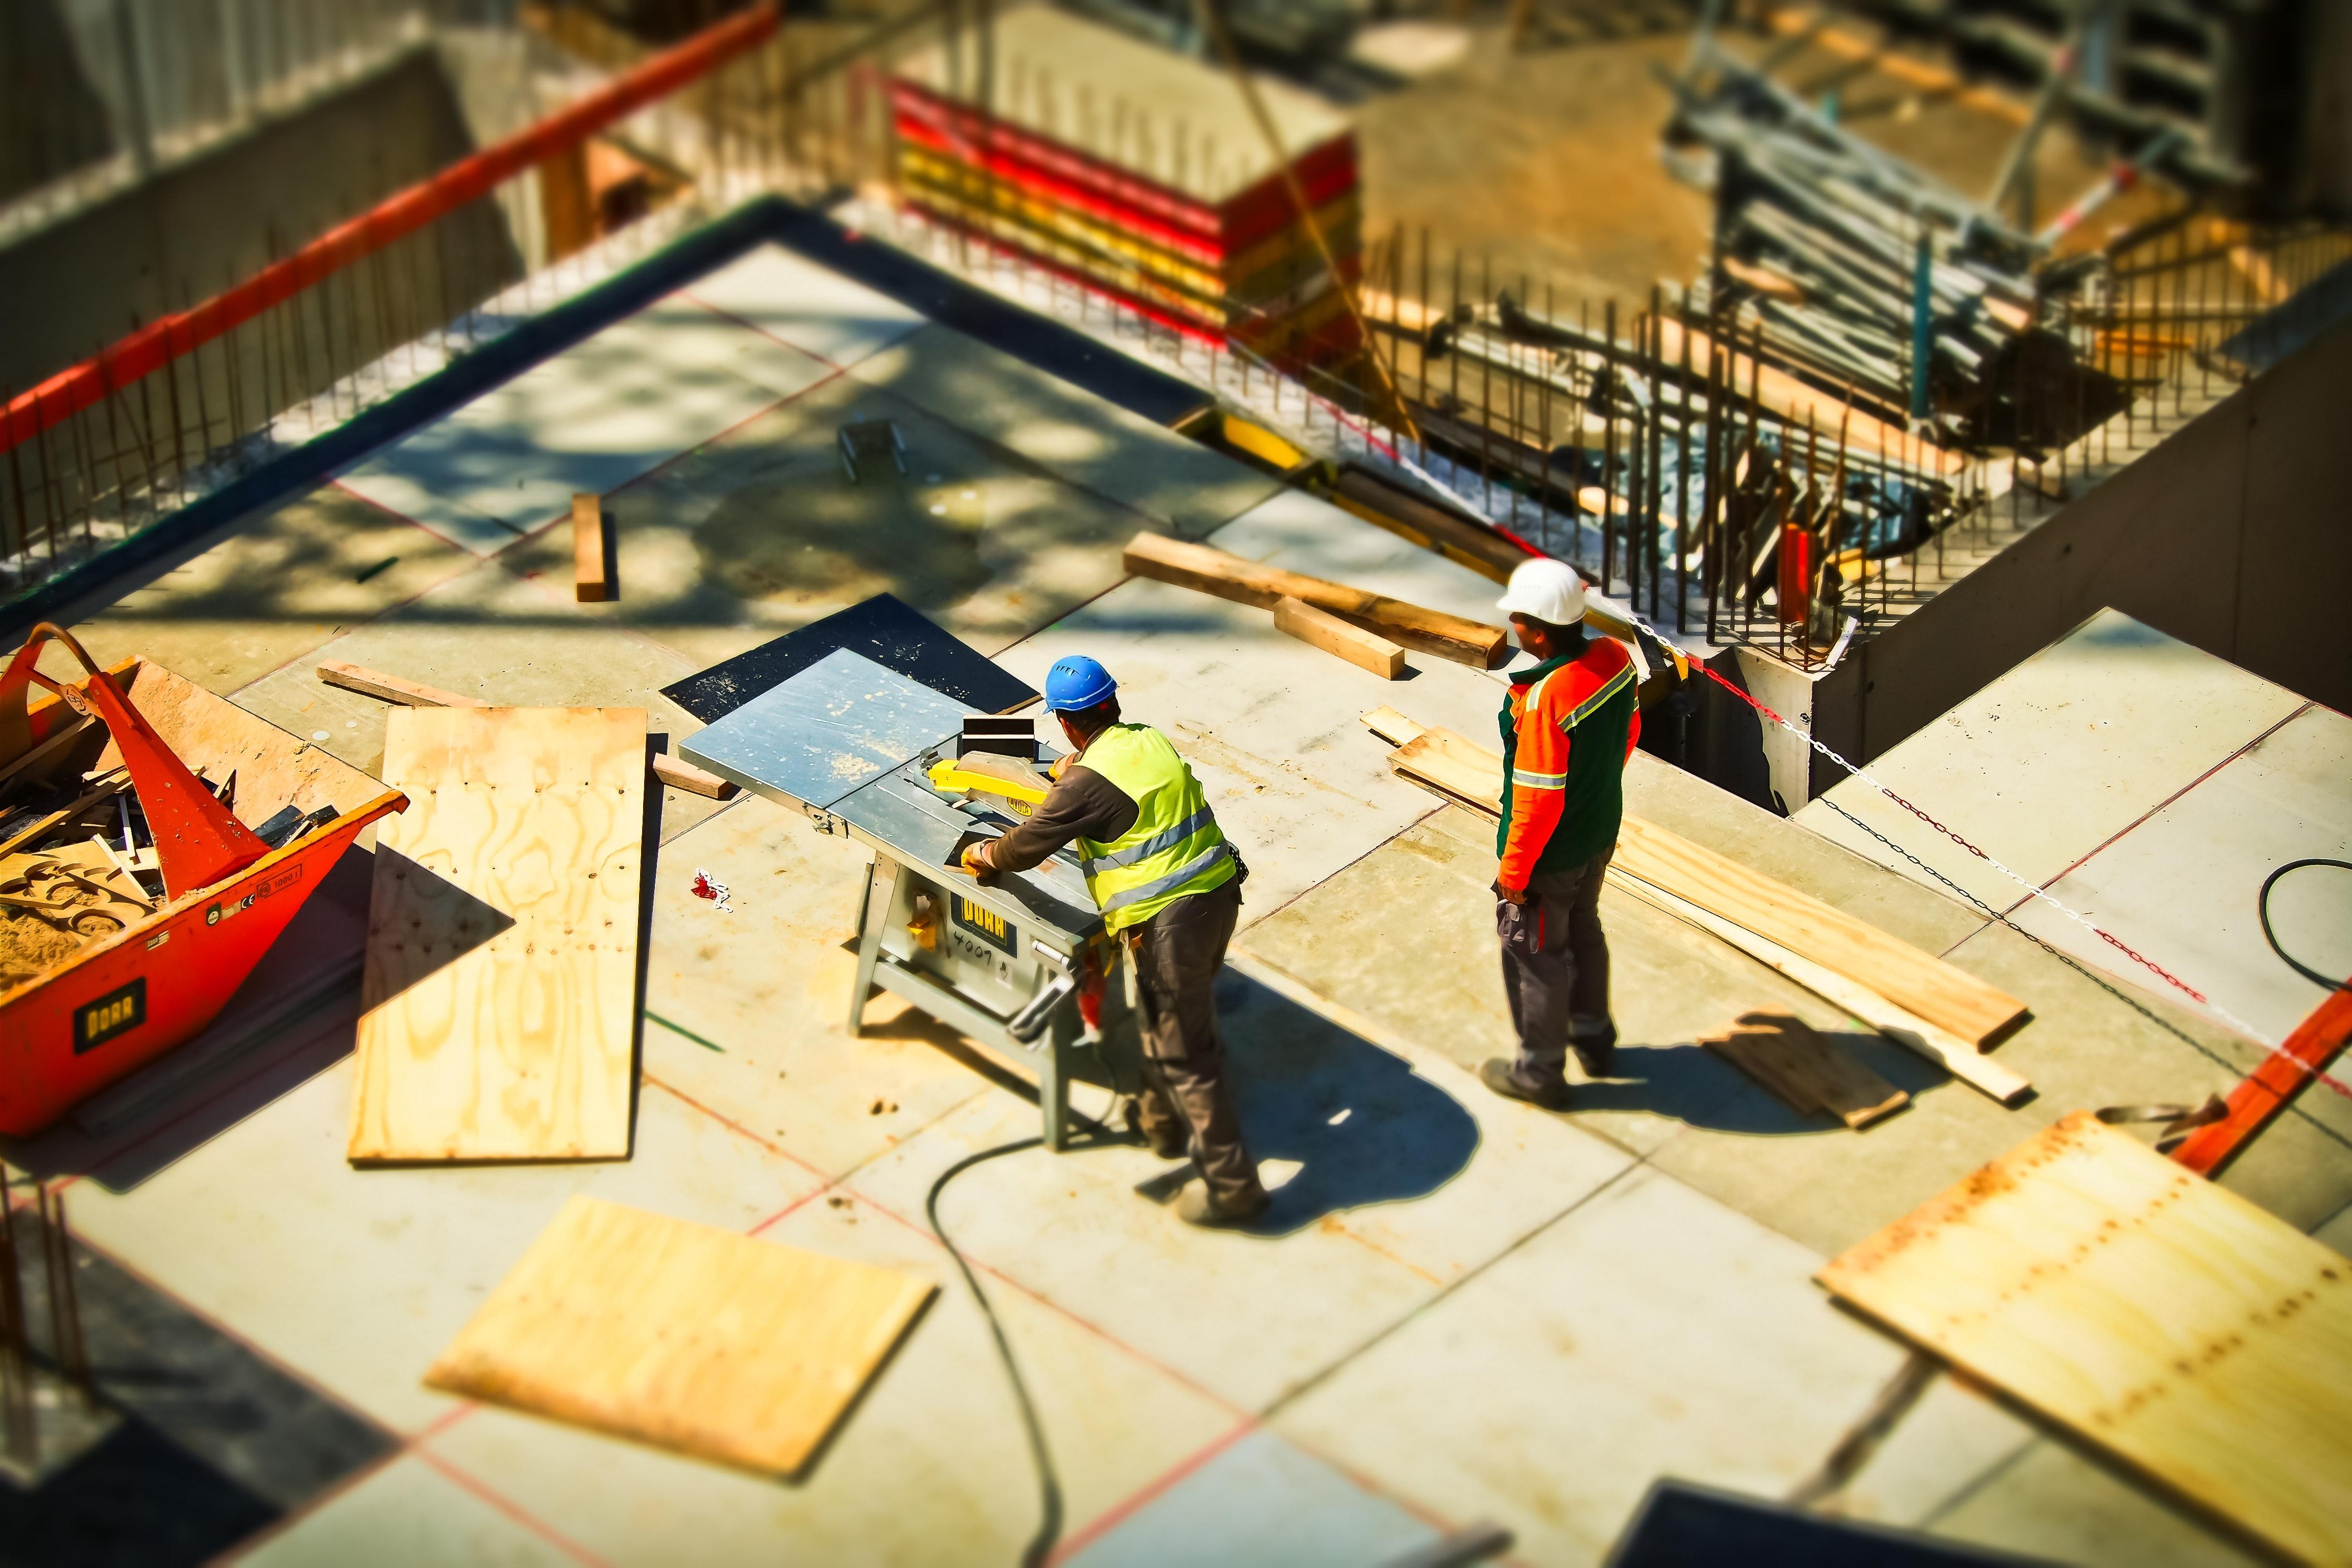 建設現場の木材切断